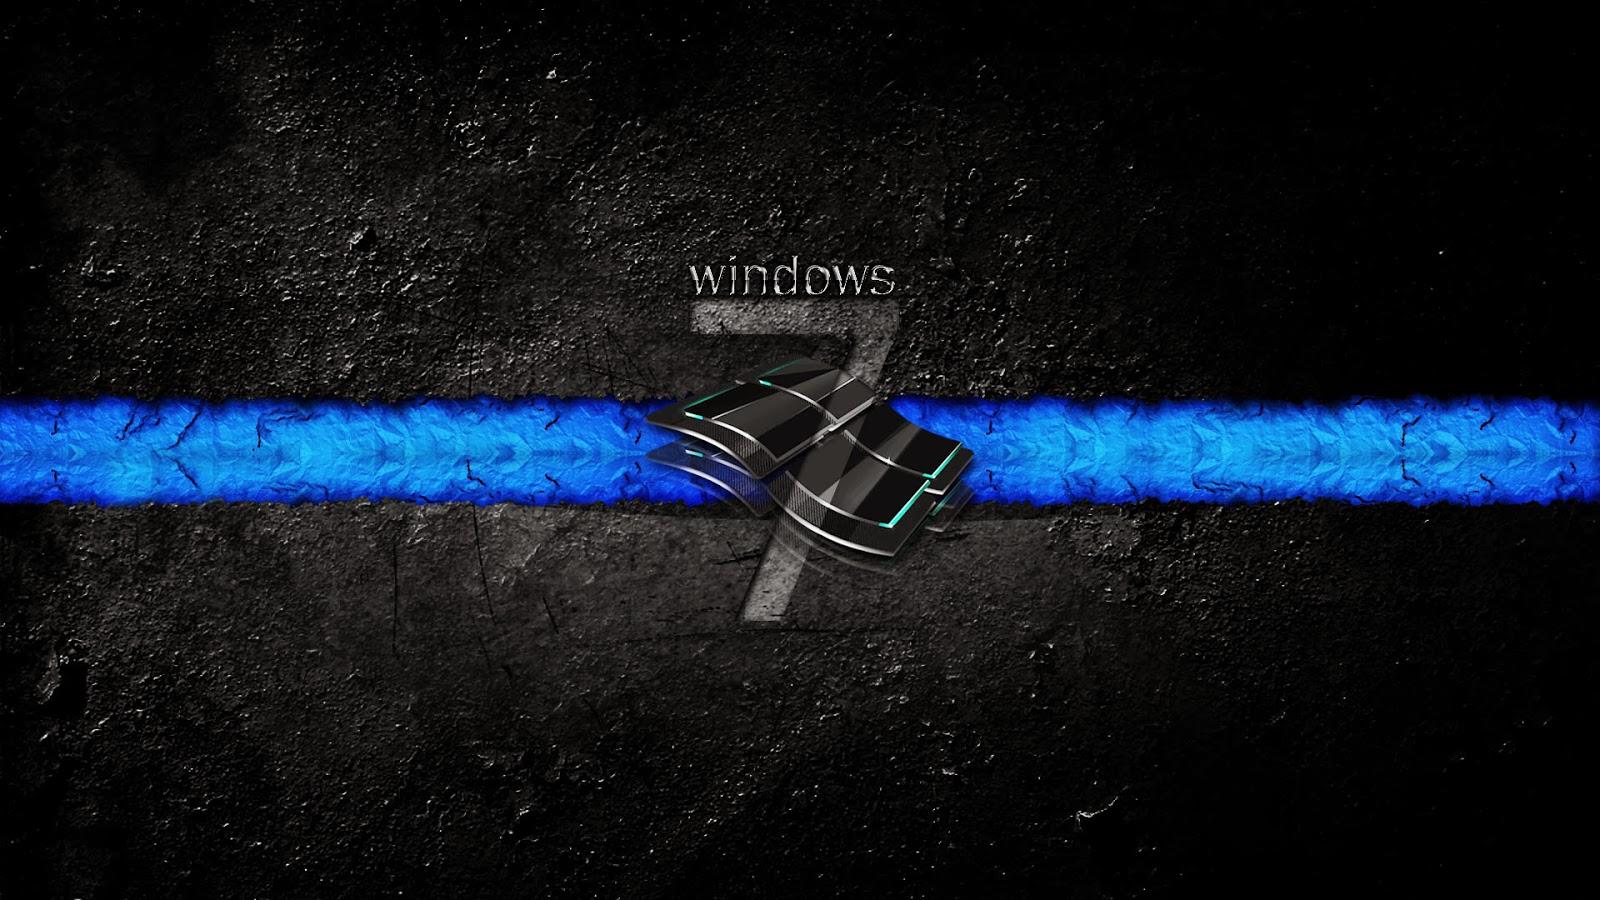 Windows Wallpaper HD 1920x1080 1600x900